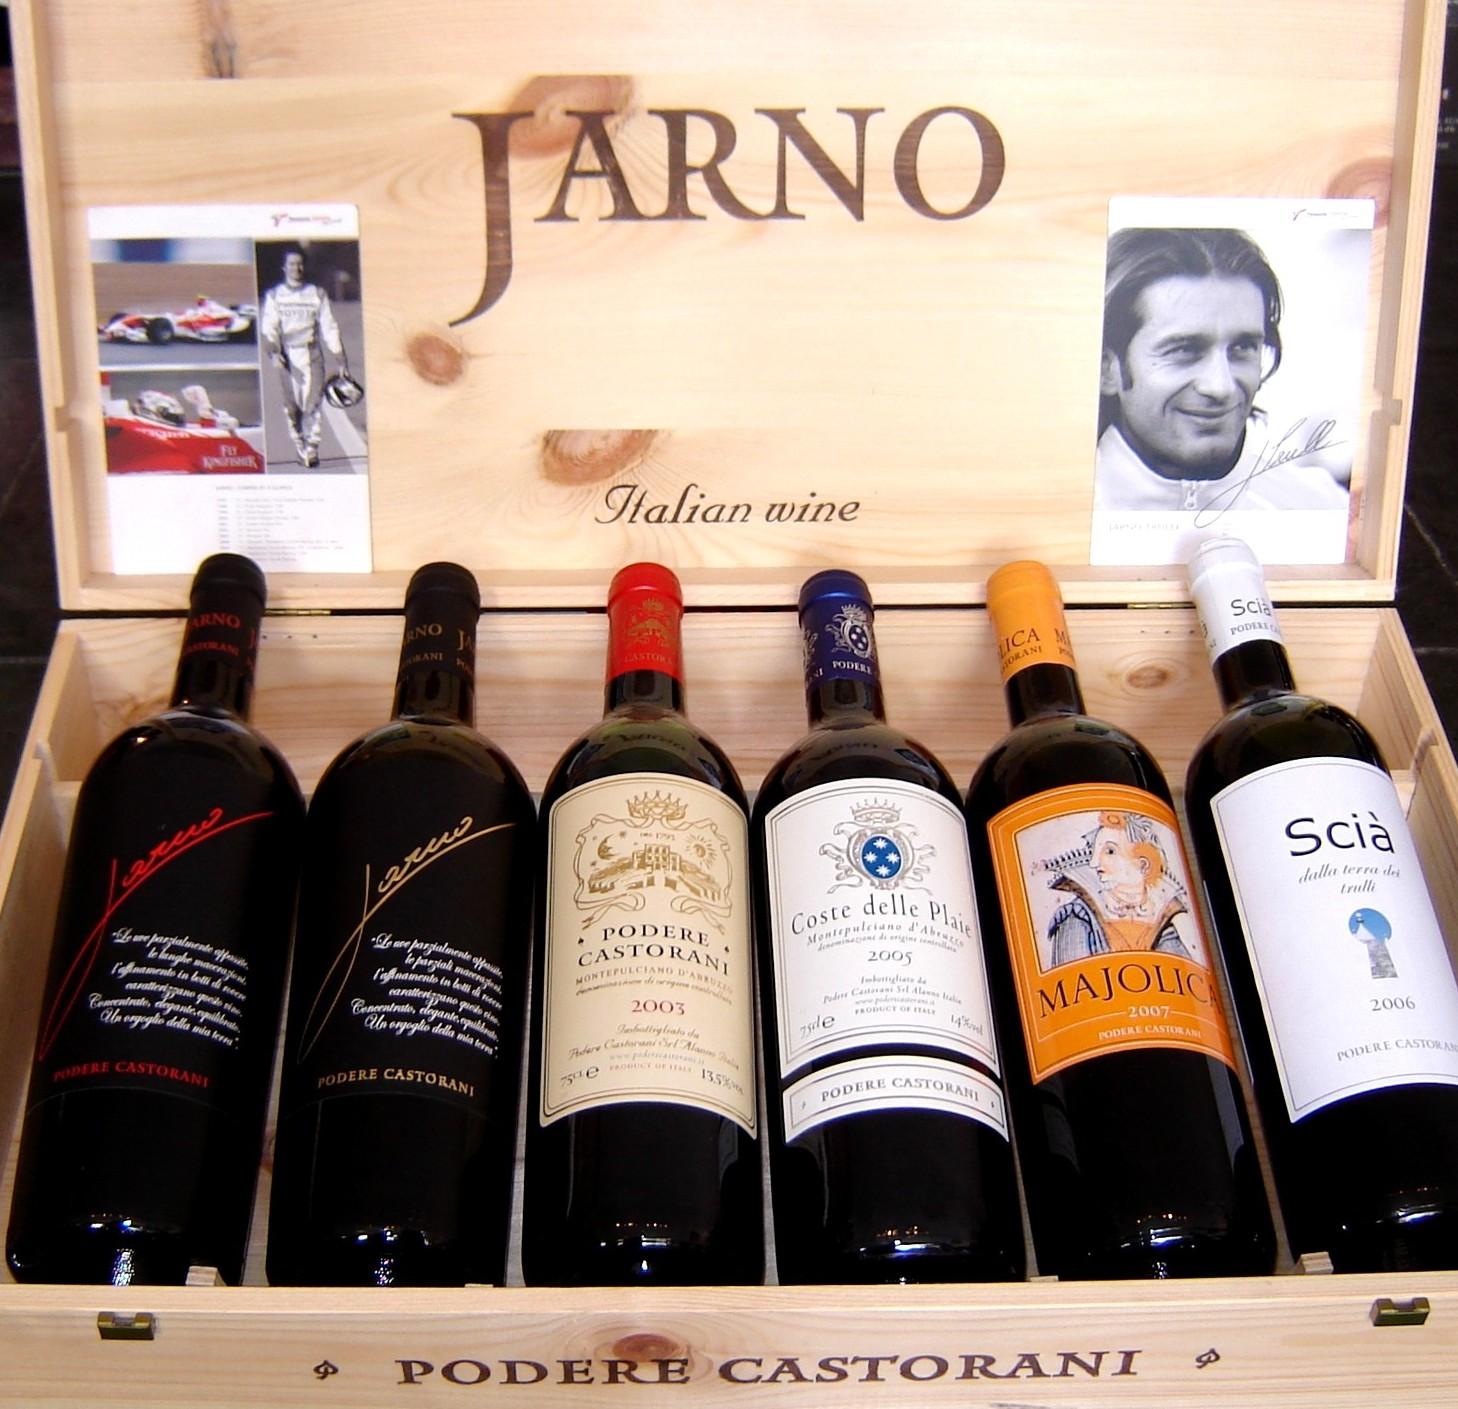 leonardo-jarno-041